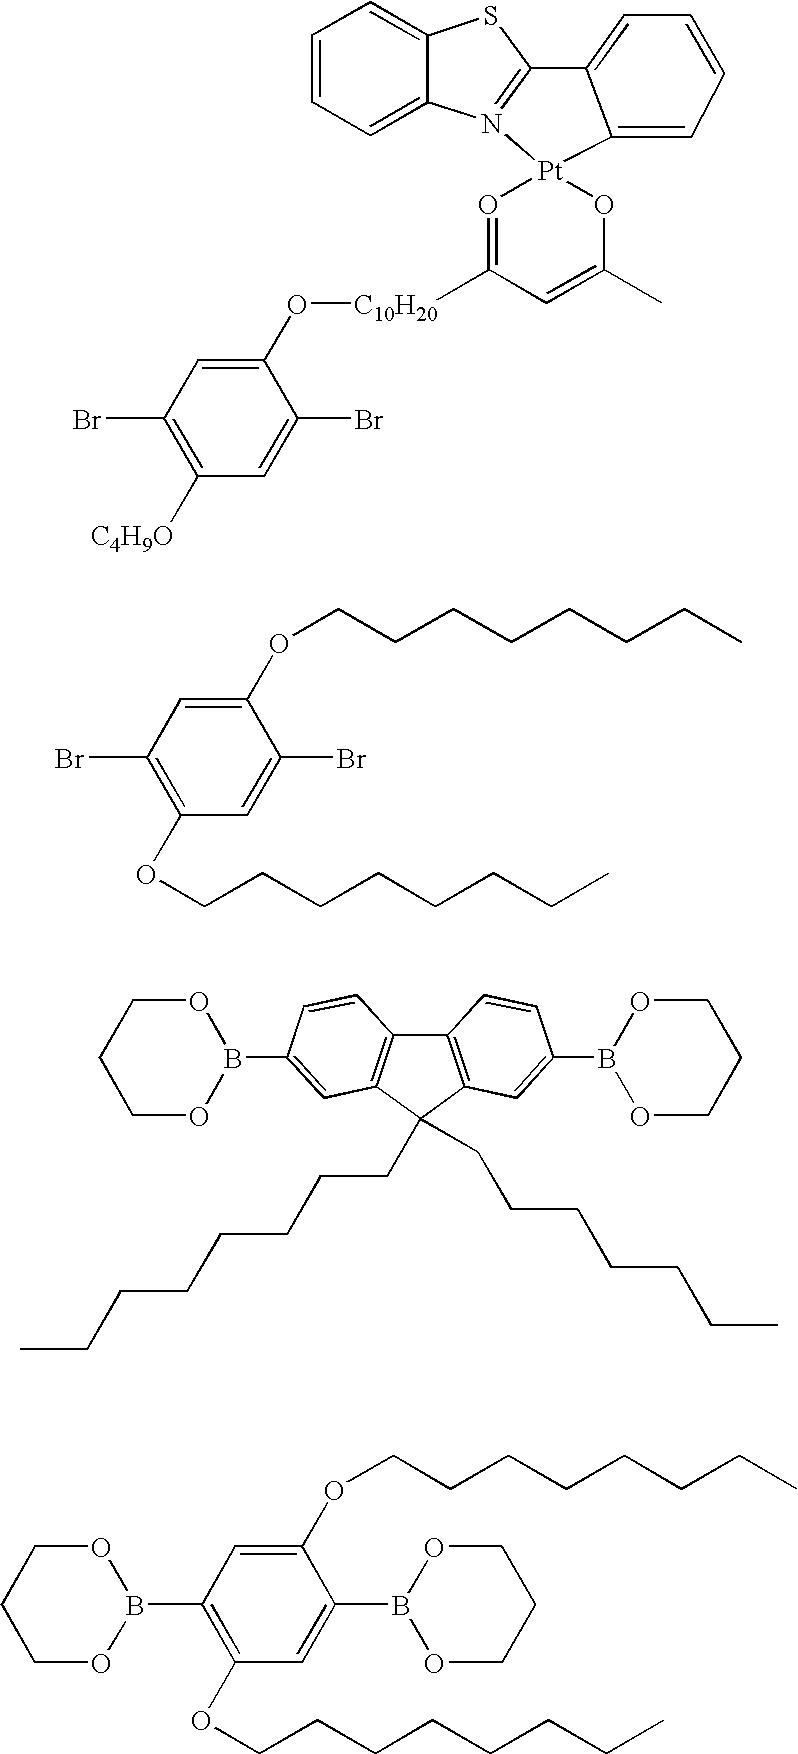 Figure US20040260047A1-20041223-C00021